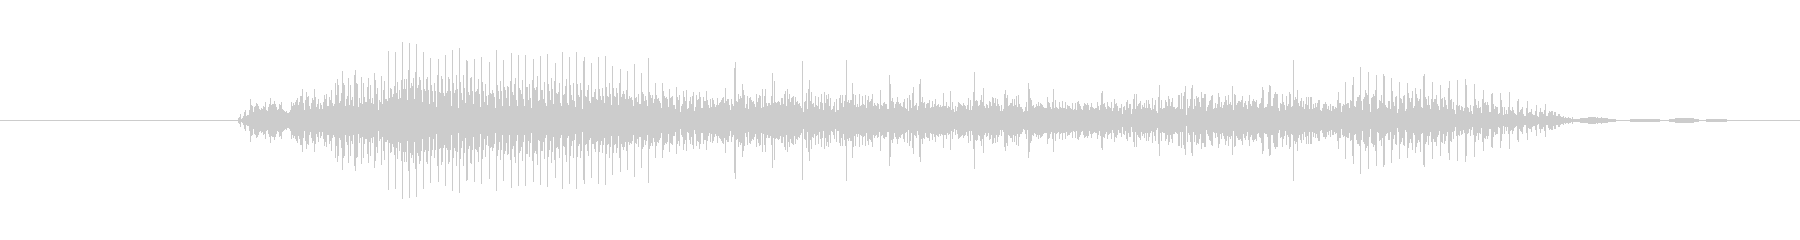 鳴き声 リトルガールスノート01の未再生の波形